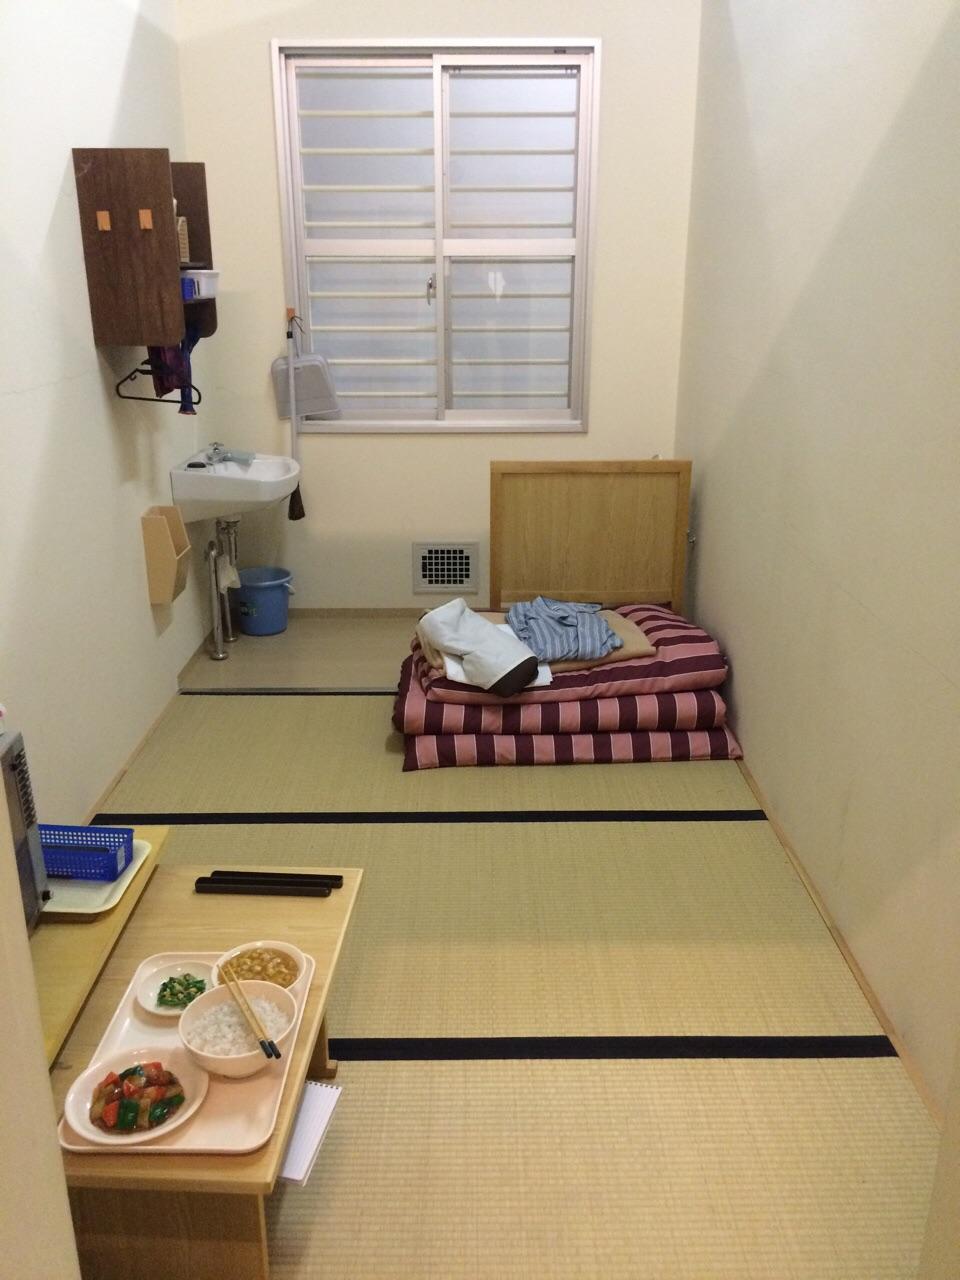 【ウサギ小屋】都心で新築3畳ワンルーム、超コンパクト物件が大人気の理由!5-4